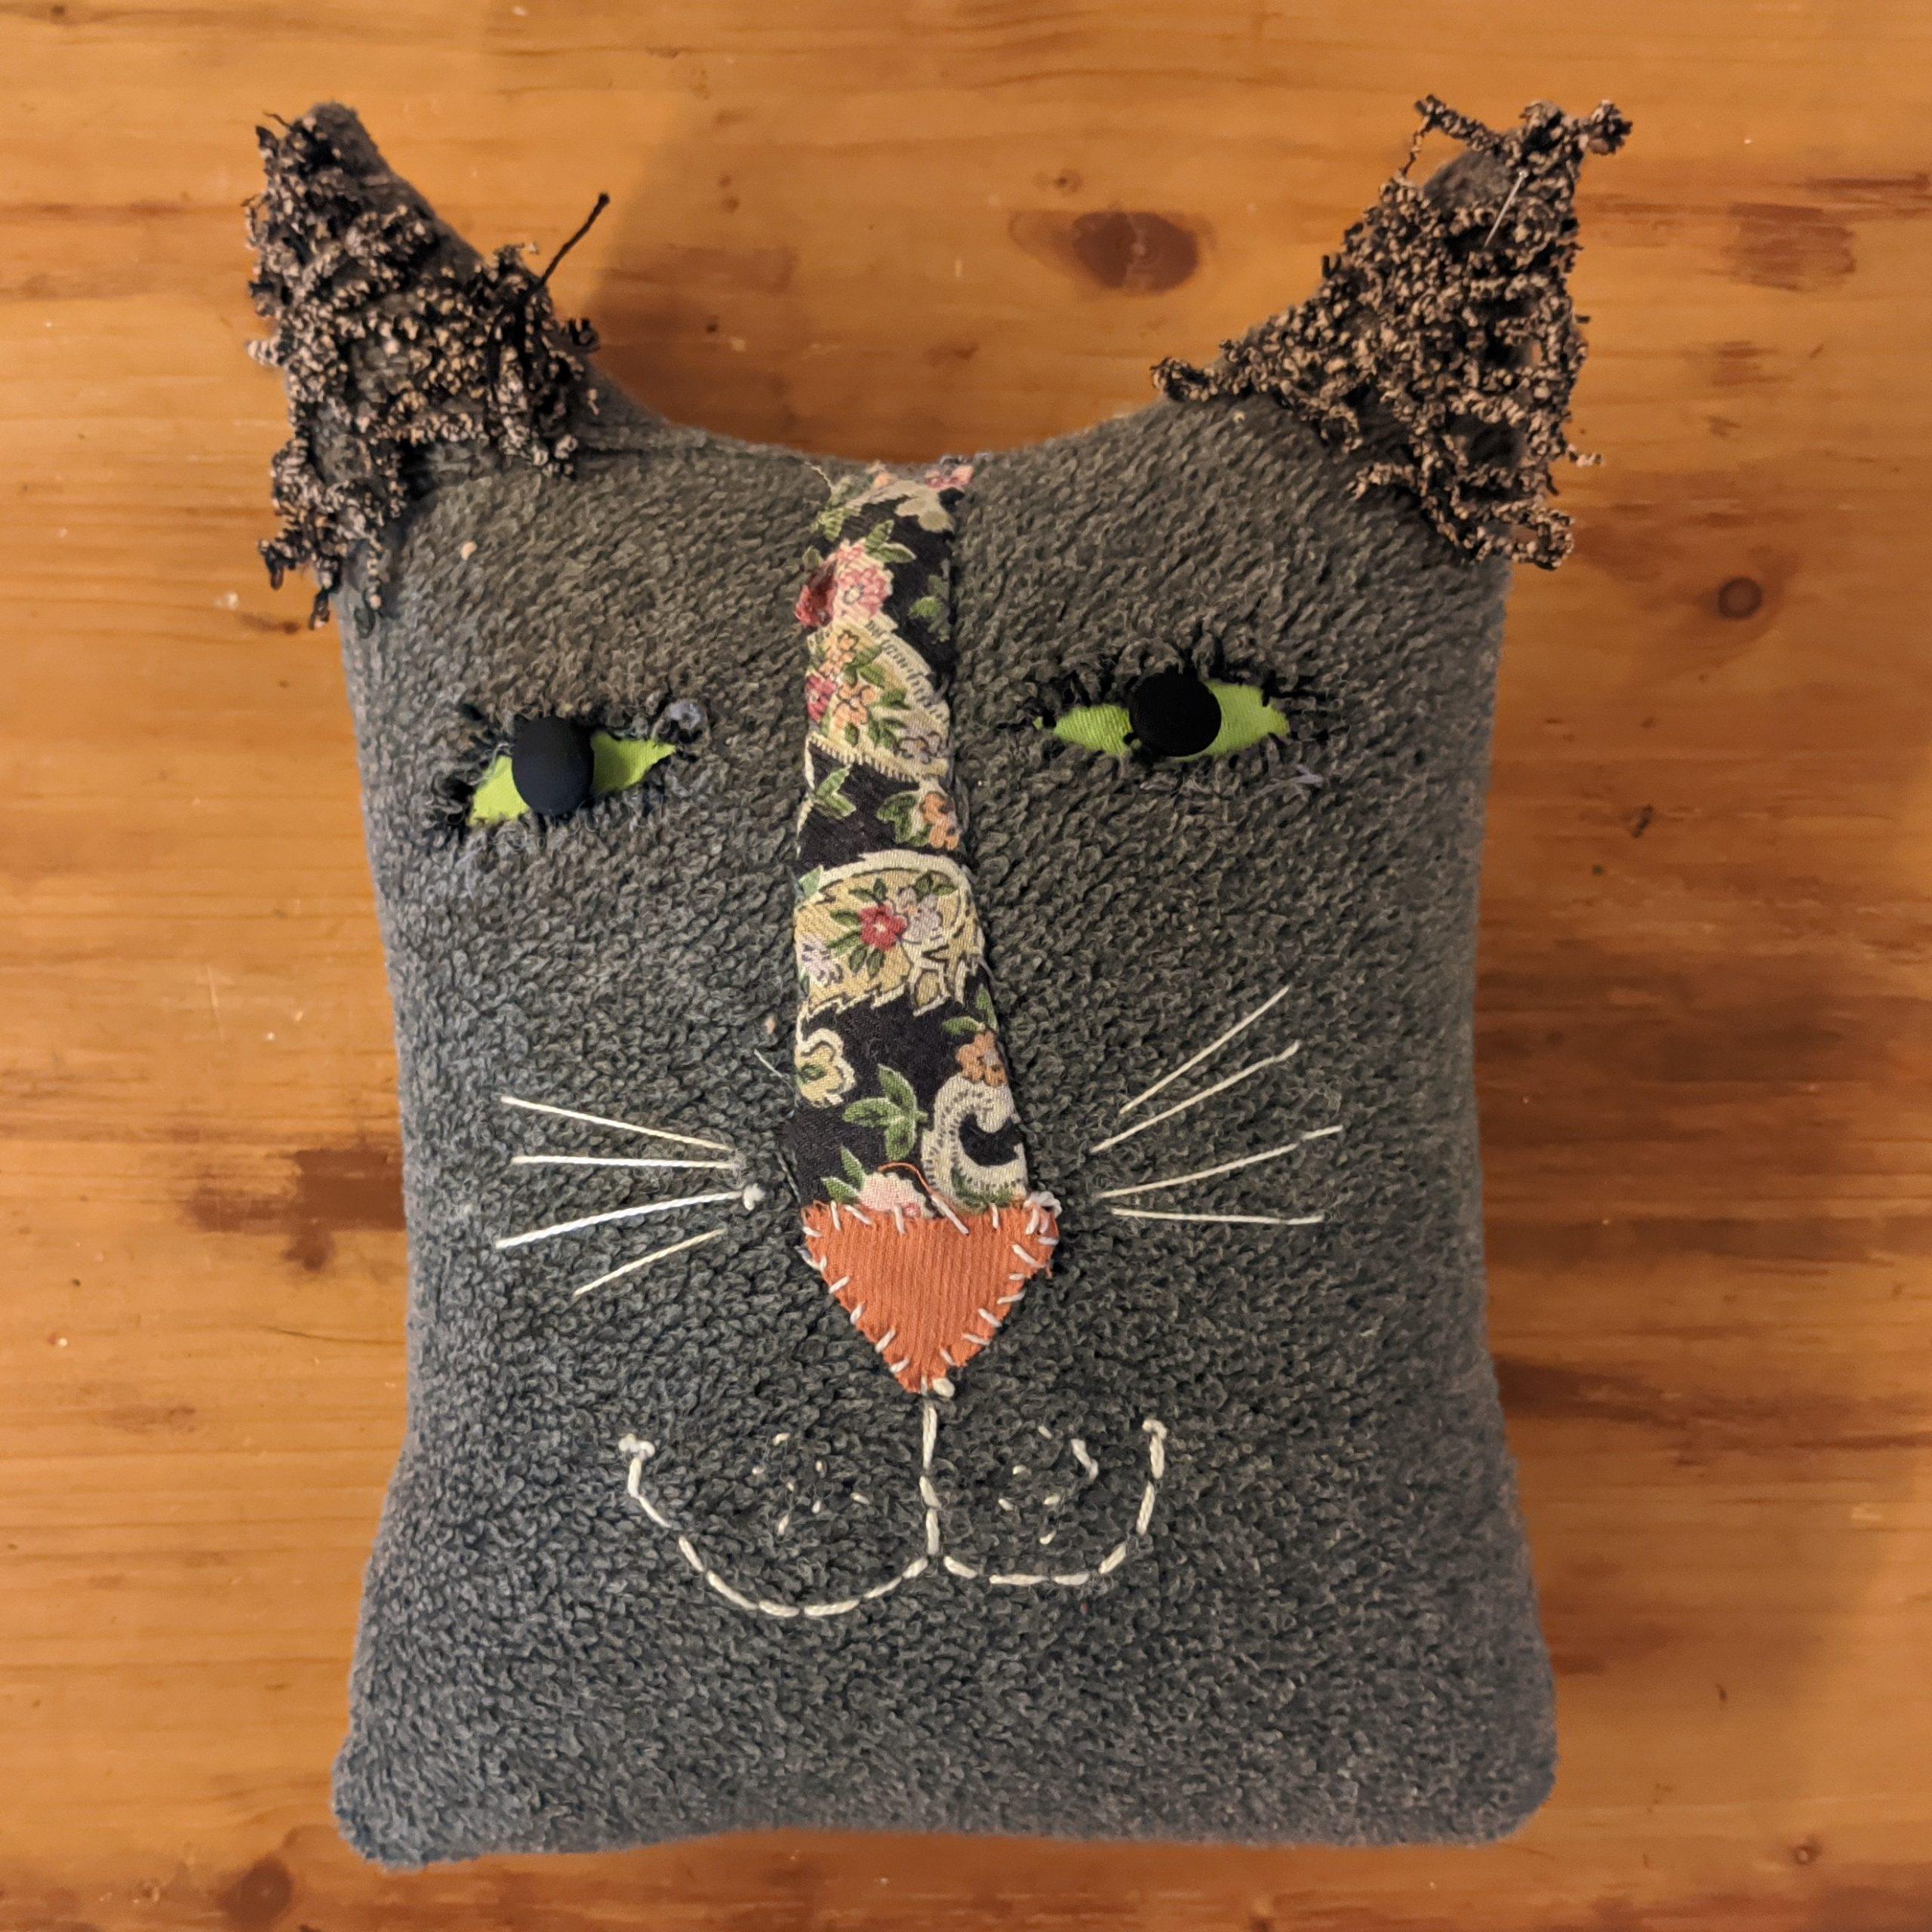 Κεφάλι γάτας μαξιλάρι / Cat face pillow.